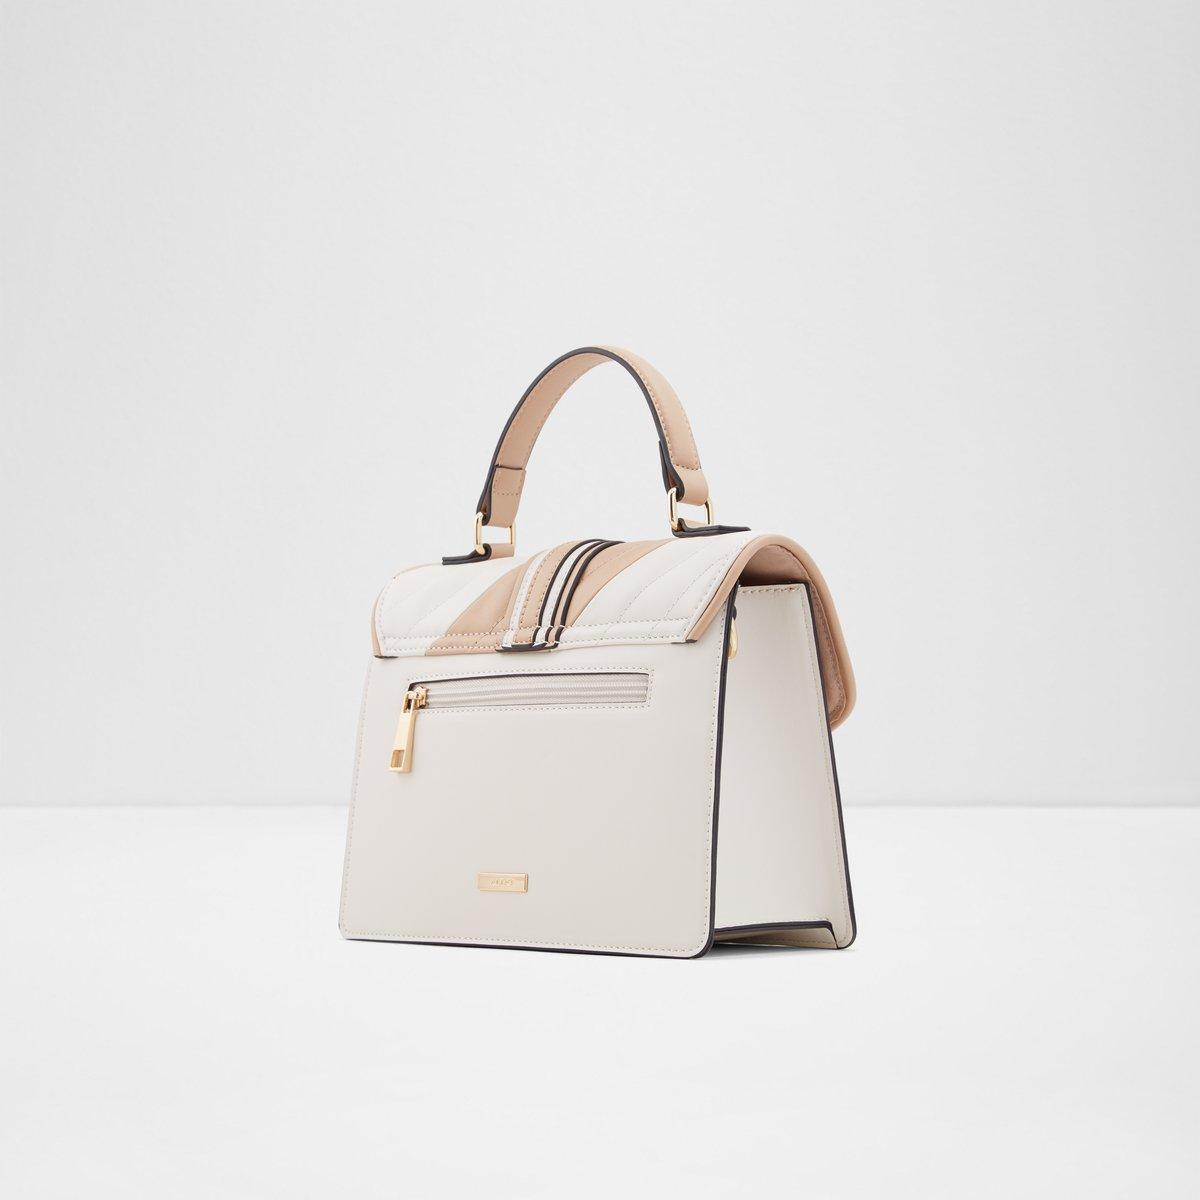 Nendadith Beige Women S Top Handle Bags